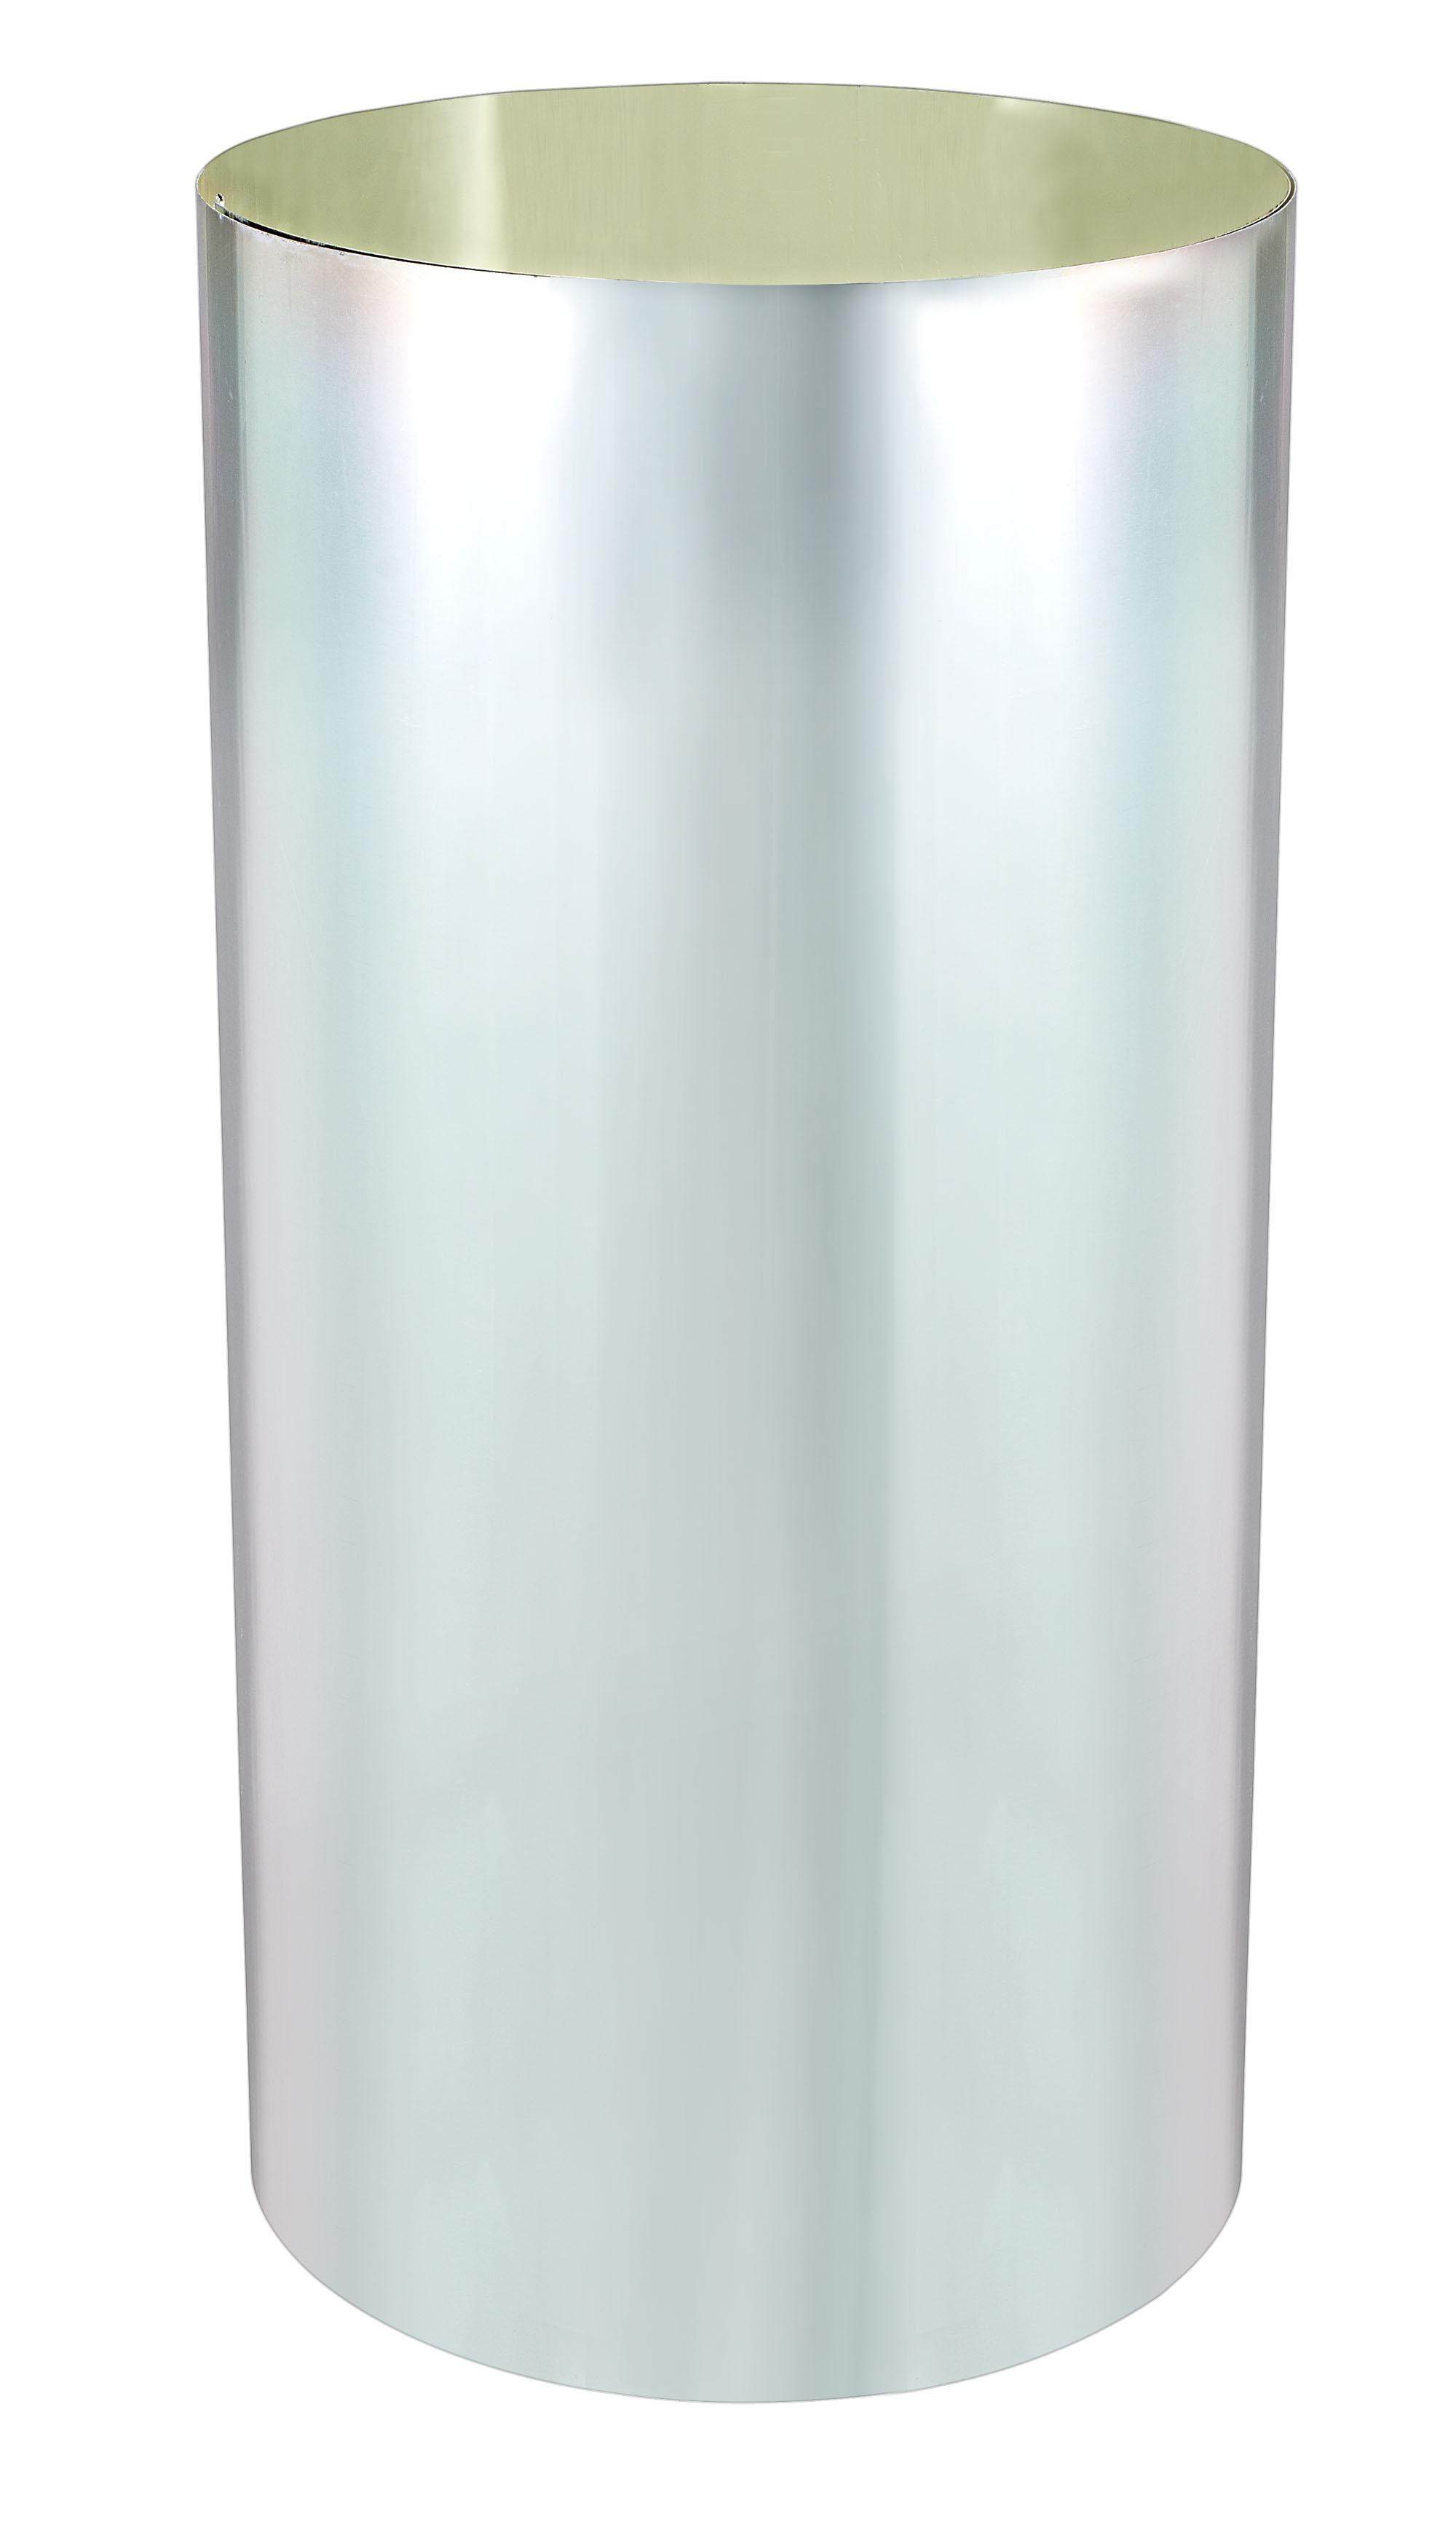 光导管- 自然光照明系统